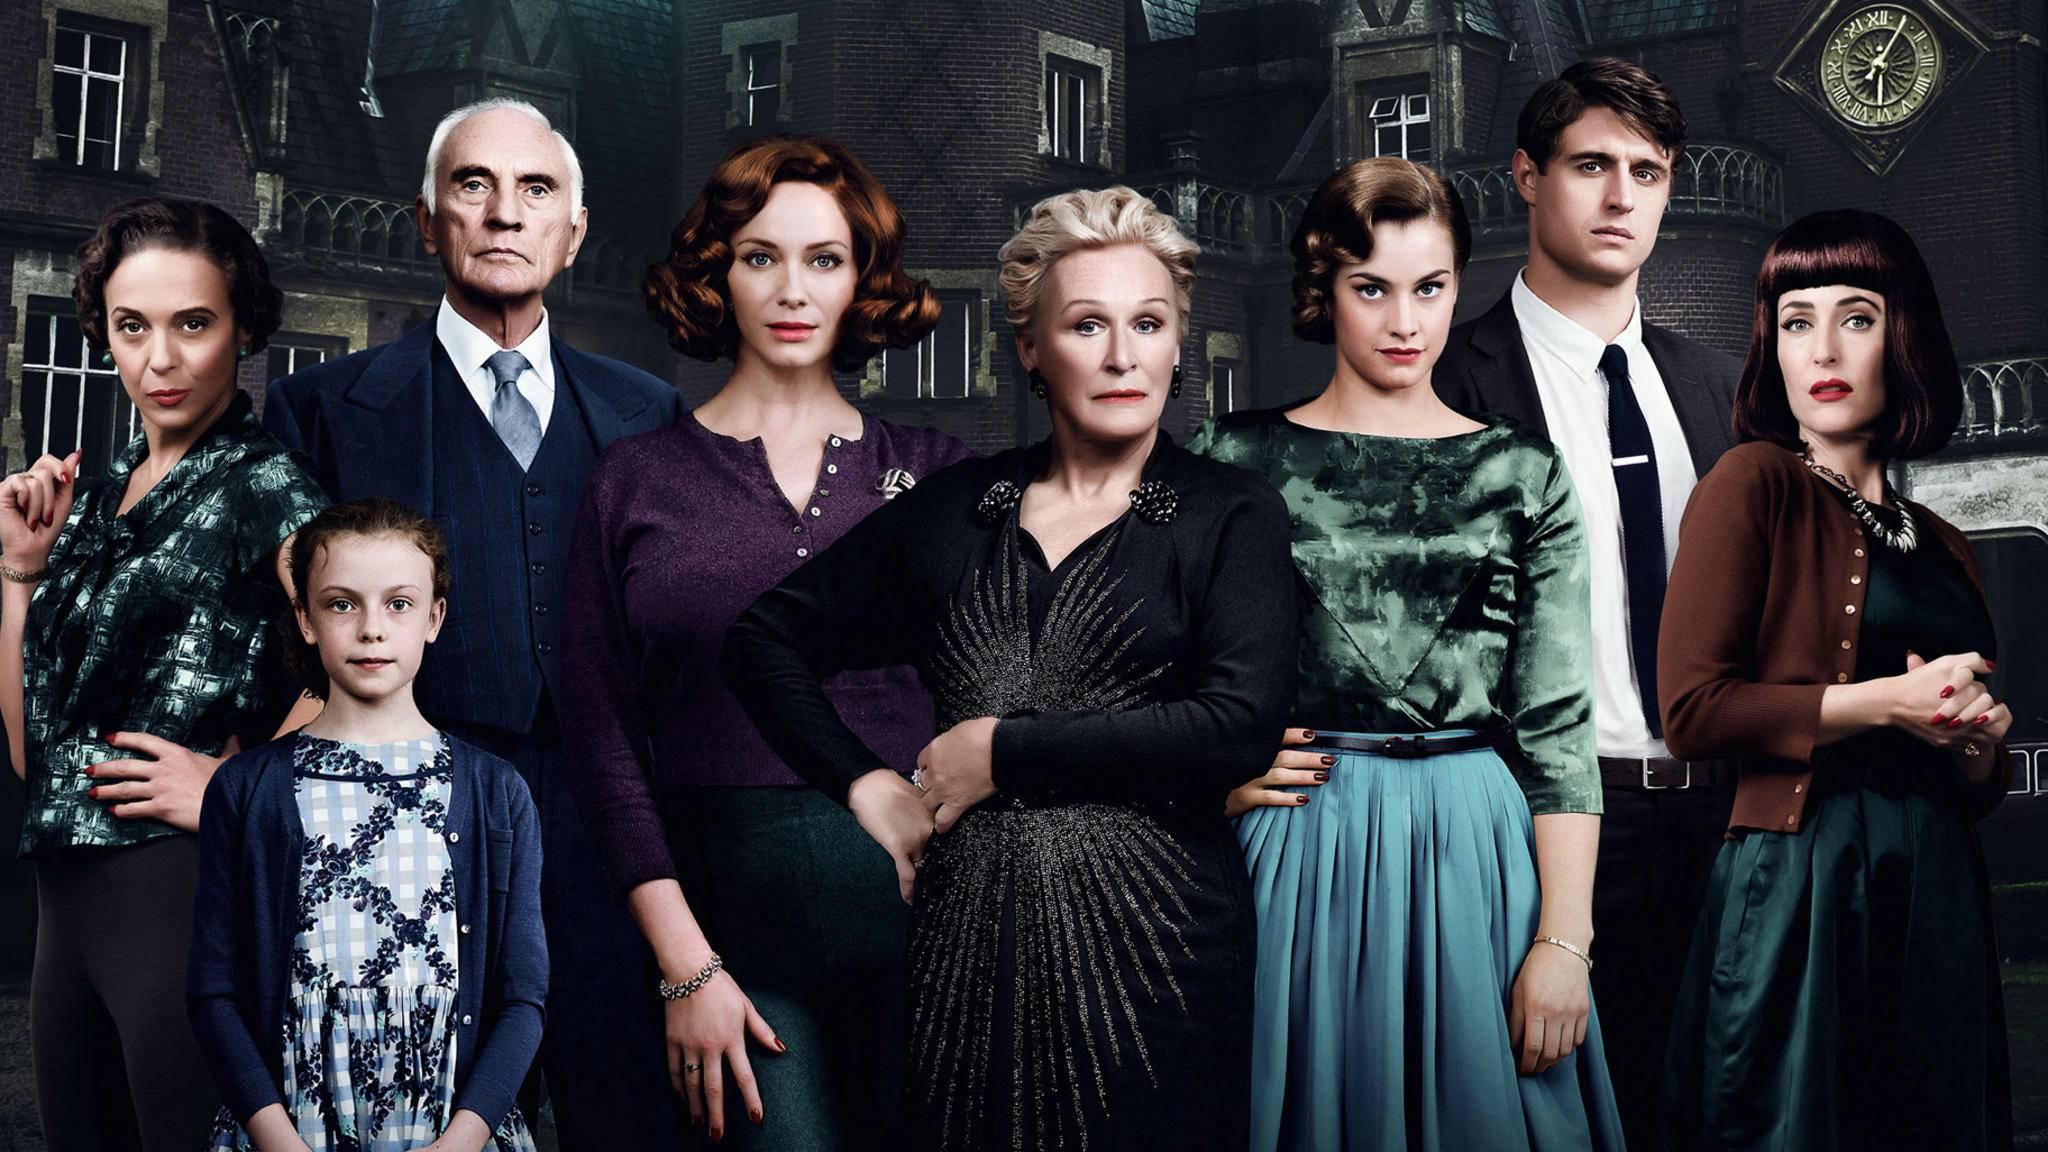 """Der Krimi """"Das krumme Haus"""", der gerade im Kino läuft, beruht auf einem Buch von Agatha Christie."""